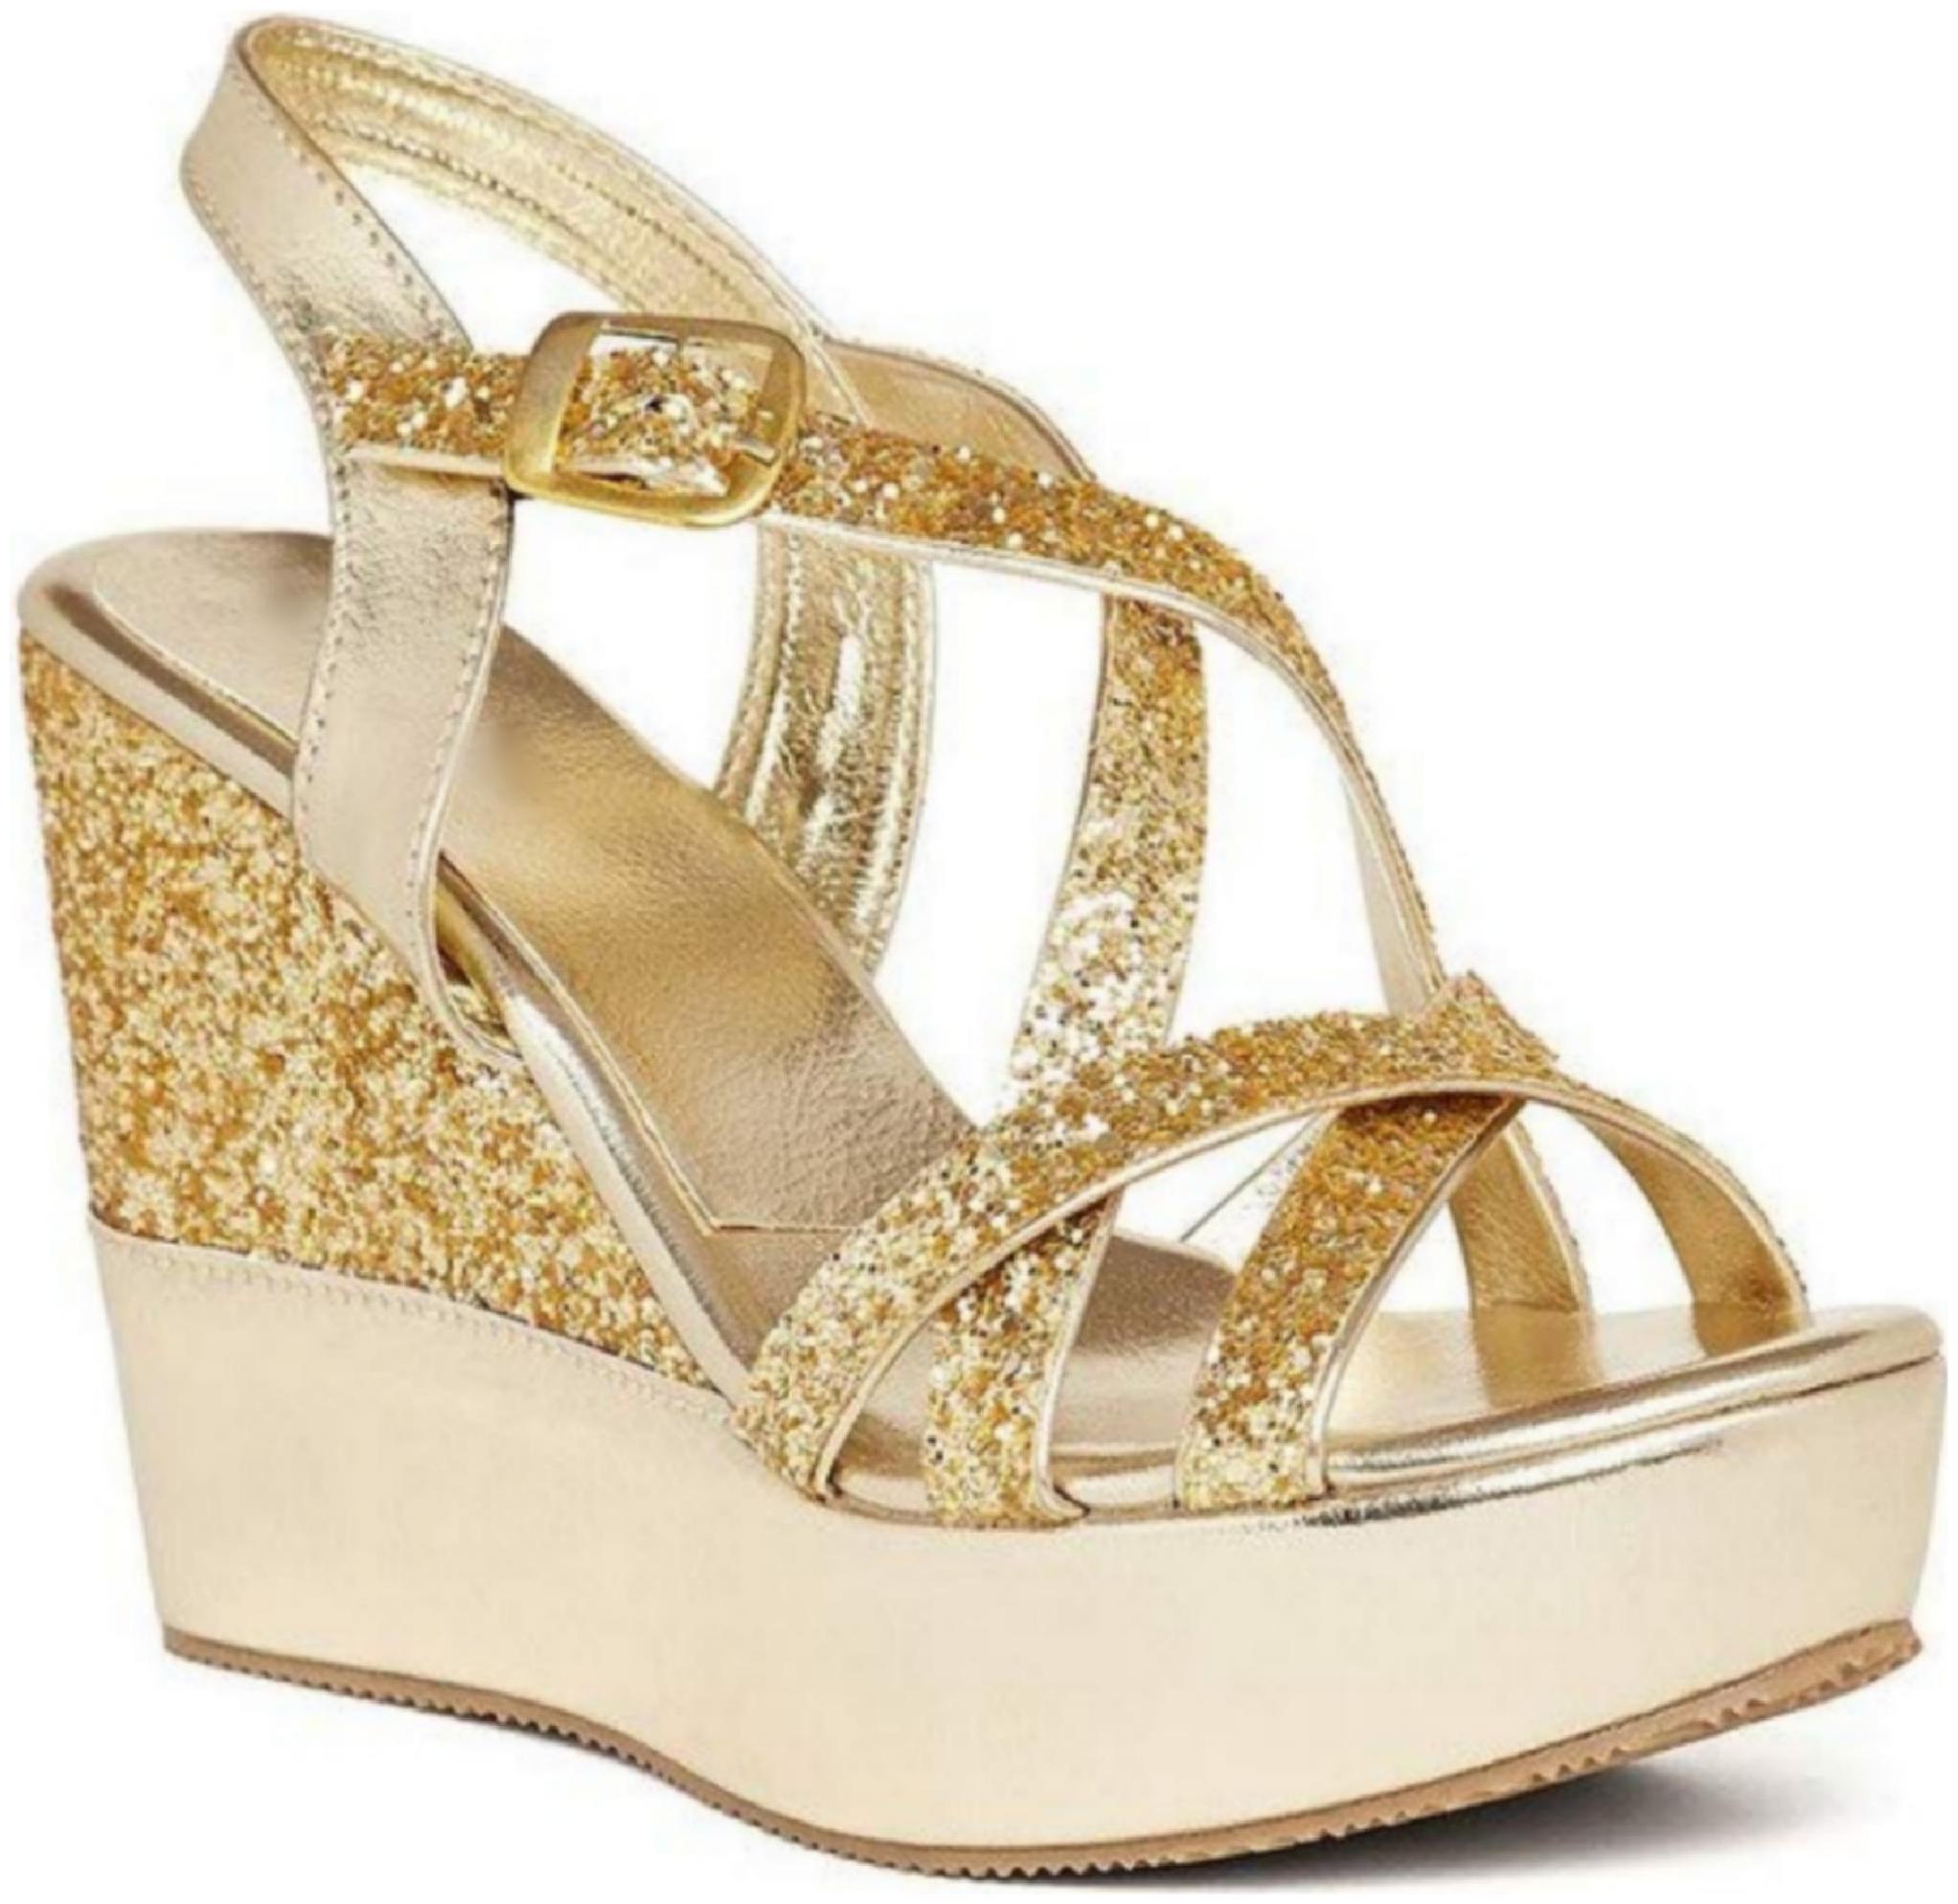 Buy Fashion designer girls heel sandal